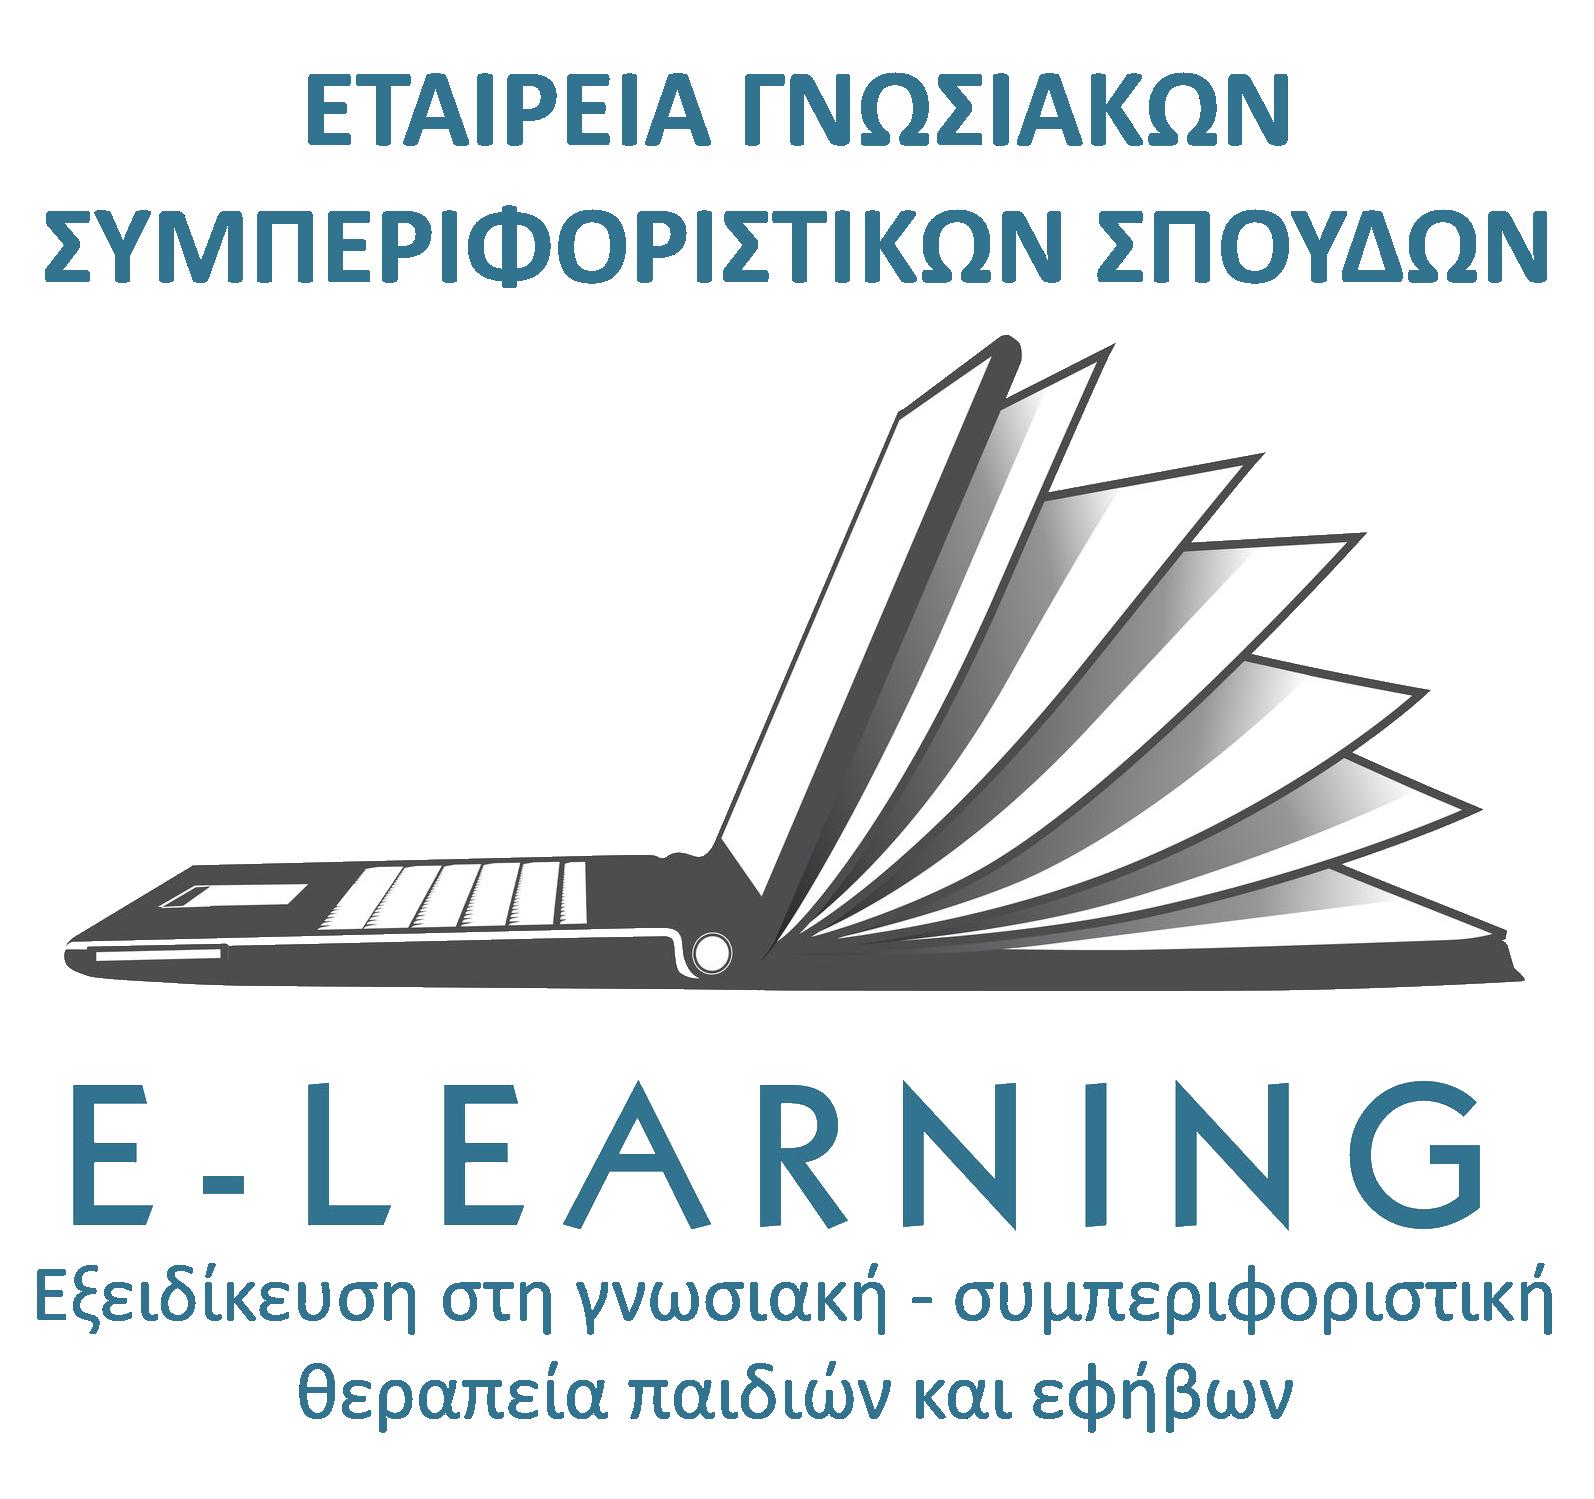 Πρόγραμμα εξειδίκευσης στη Γνωσιακή–Συμπεριφοριστική Θεραπεία παιδιών και εφήβων μέσω e-learning (webinar)